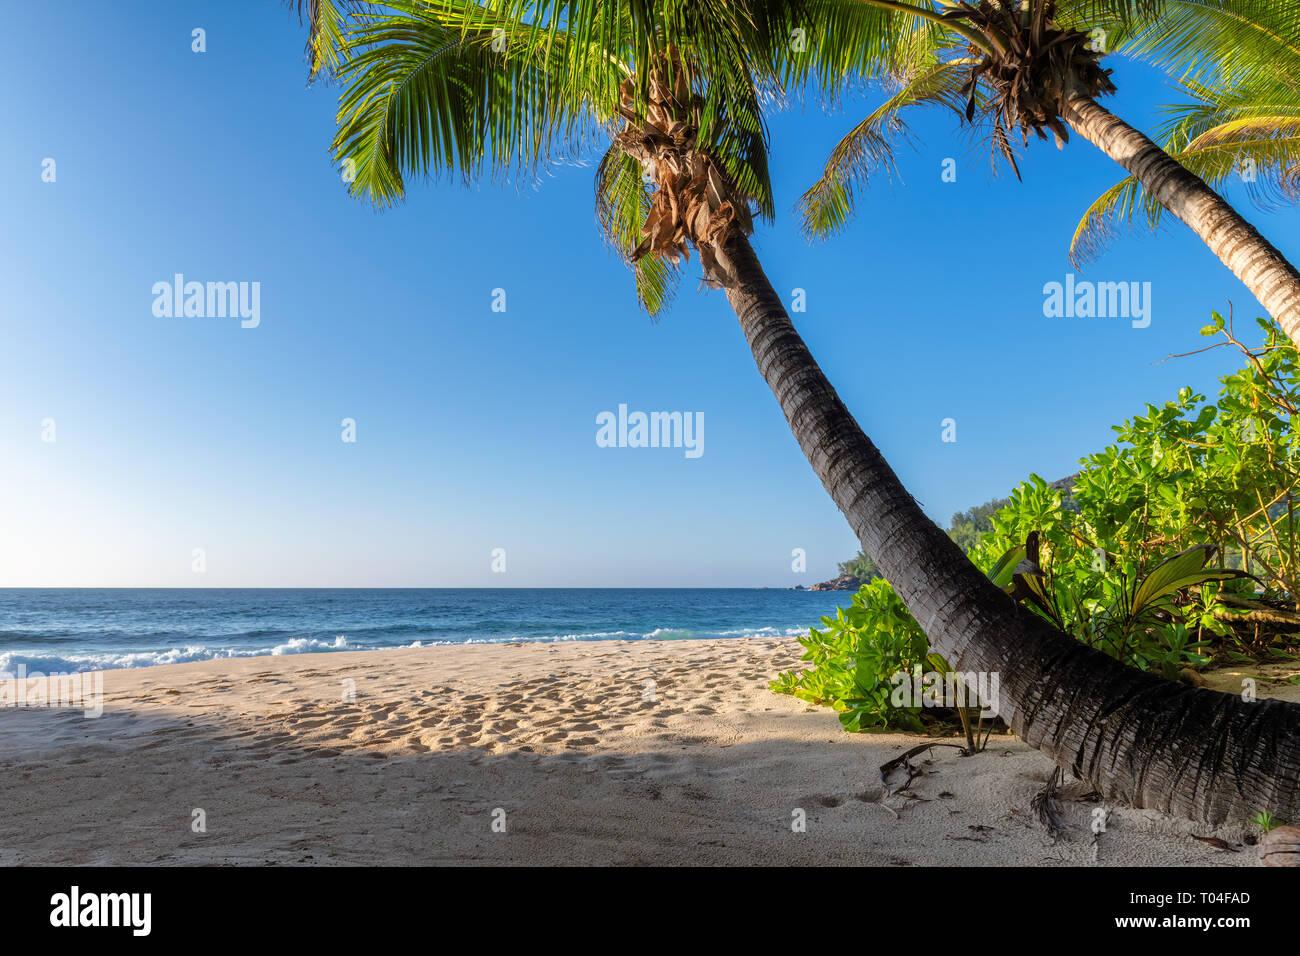 Playa exótica al atardecer con palmas de coco en una isla tropical Foto de stock